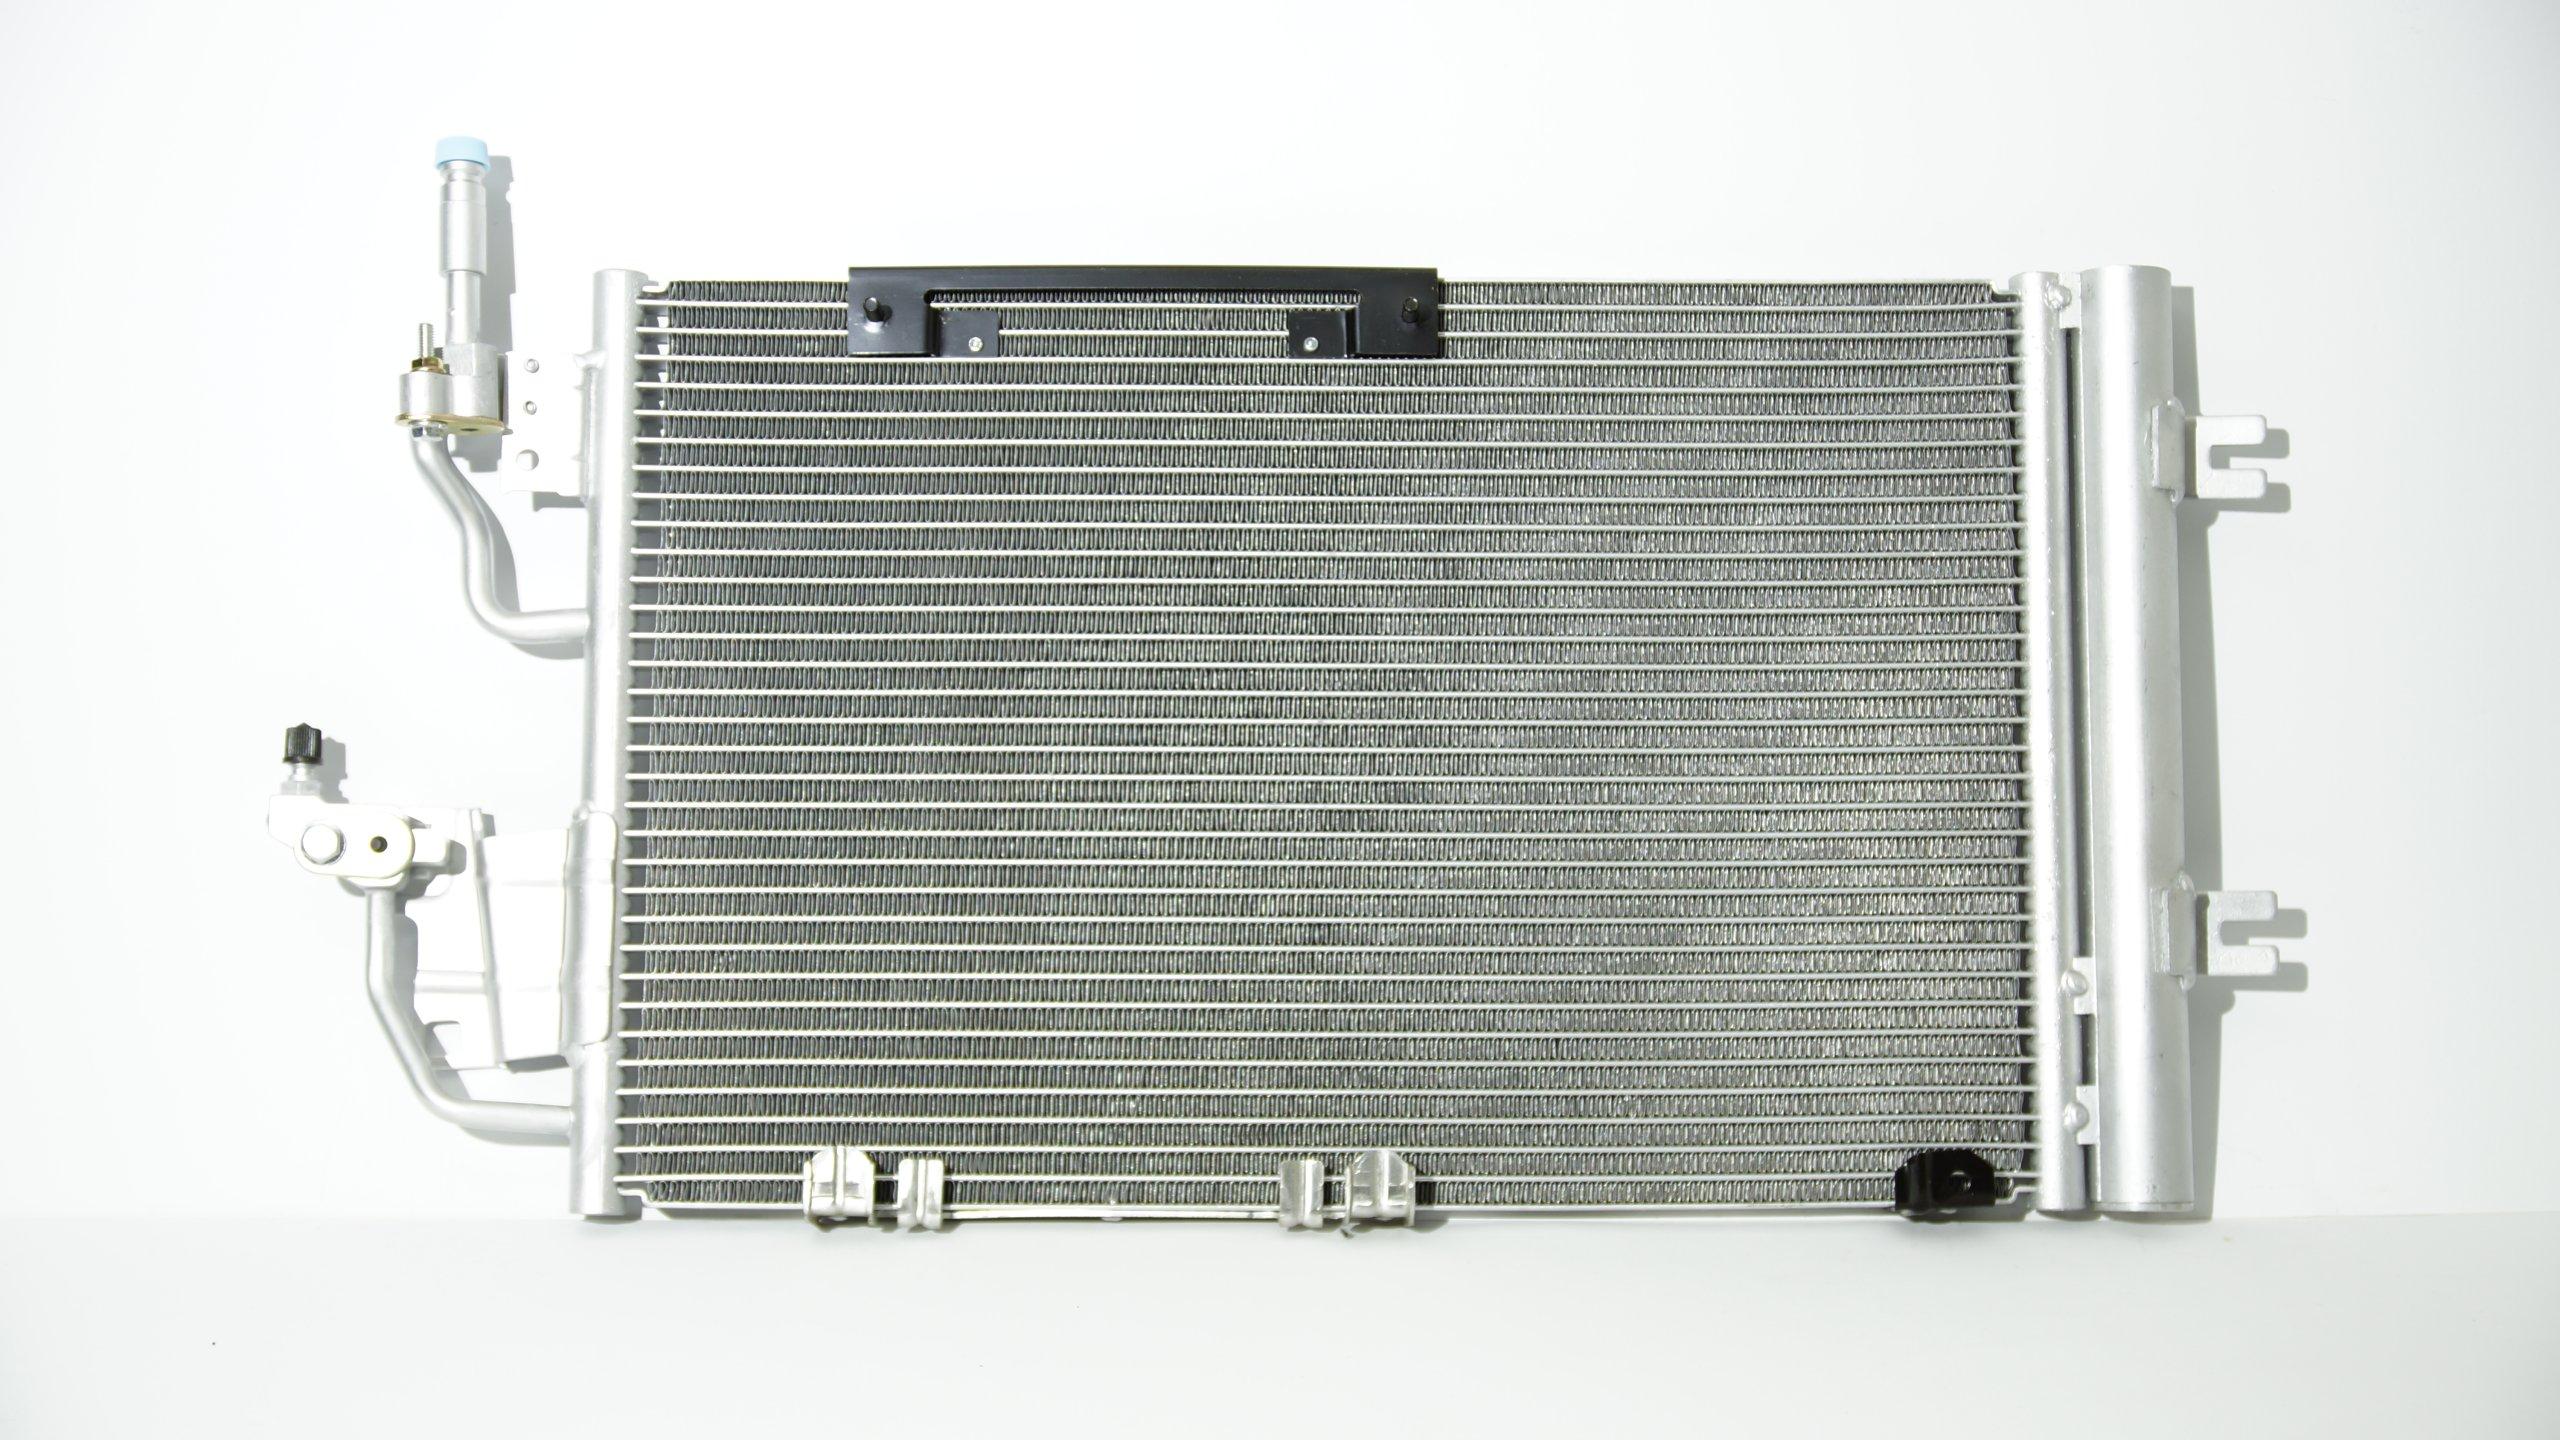 радиатор кондиционирования воздуха opel zafira b 17 19 новая